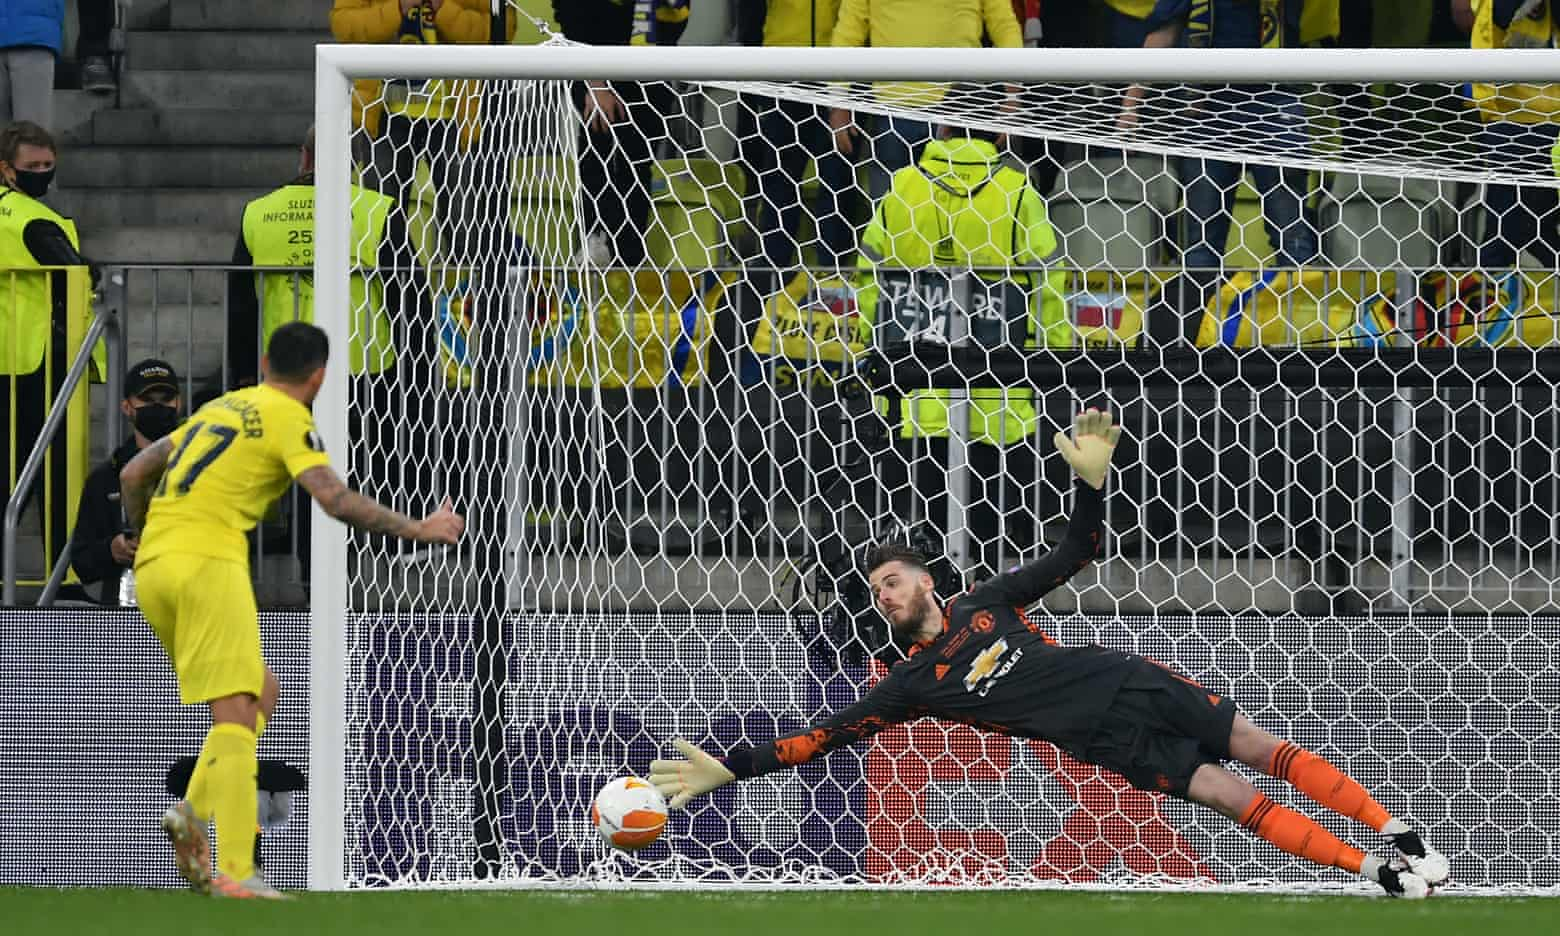 De Gea trong pha đối mặt và bị Paco Alacer đánh bại ở loạt đá luân lưu trận chung kết Europa League ở Gdansk, Ba lan hôm 27/5. Ảnh: EPA